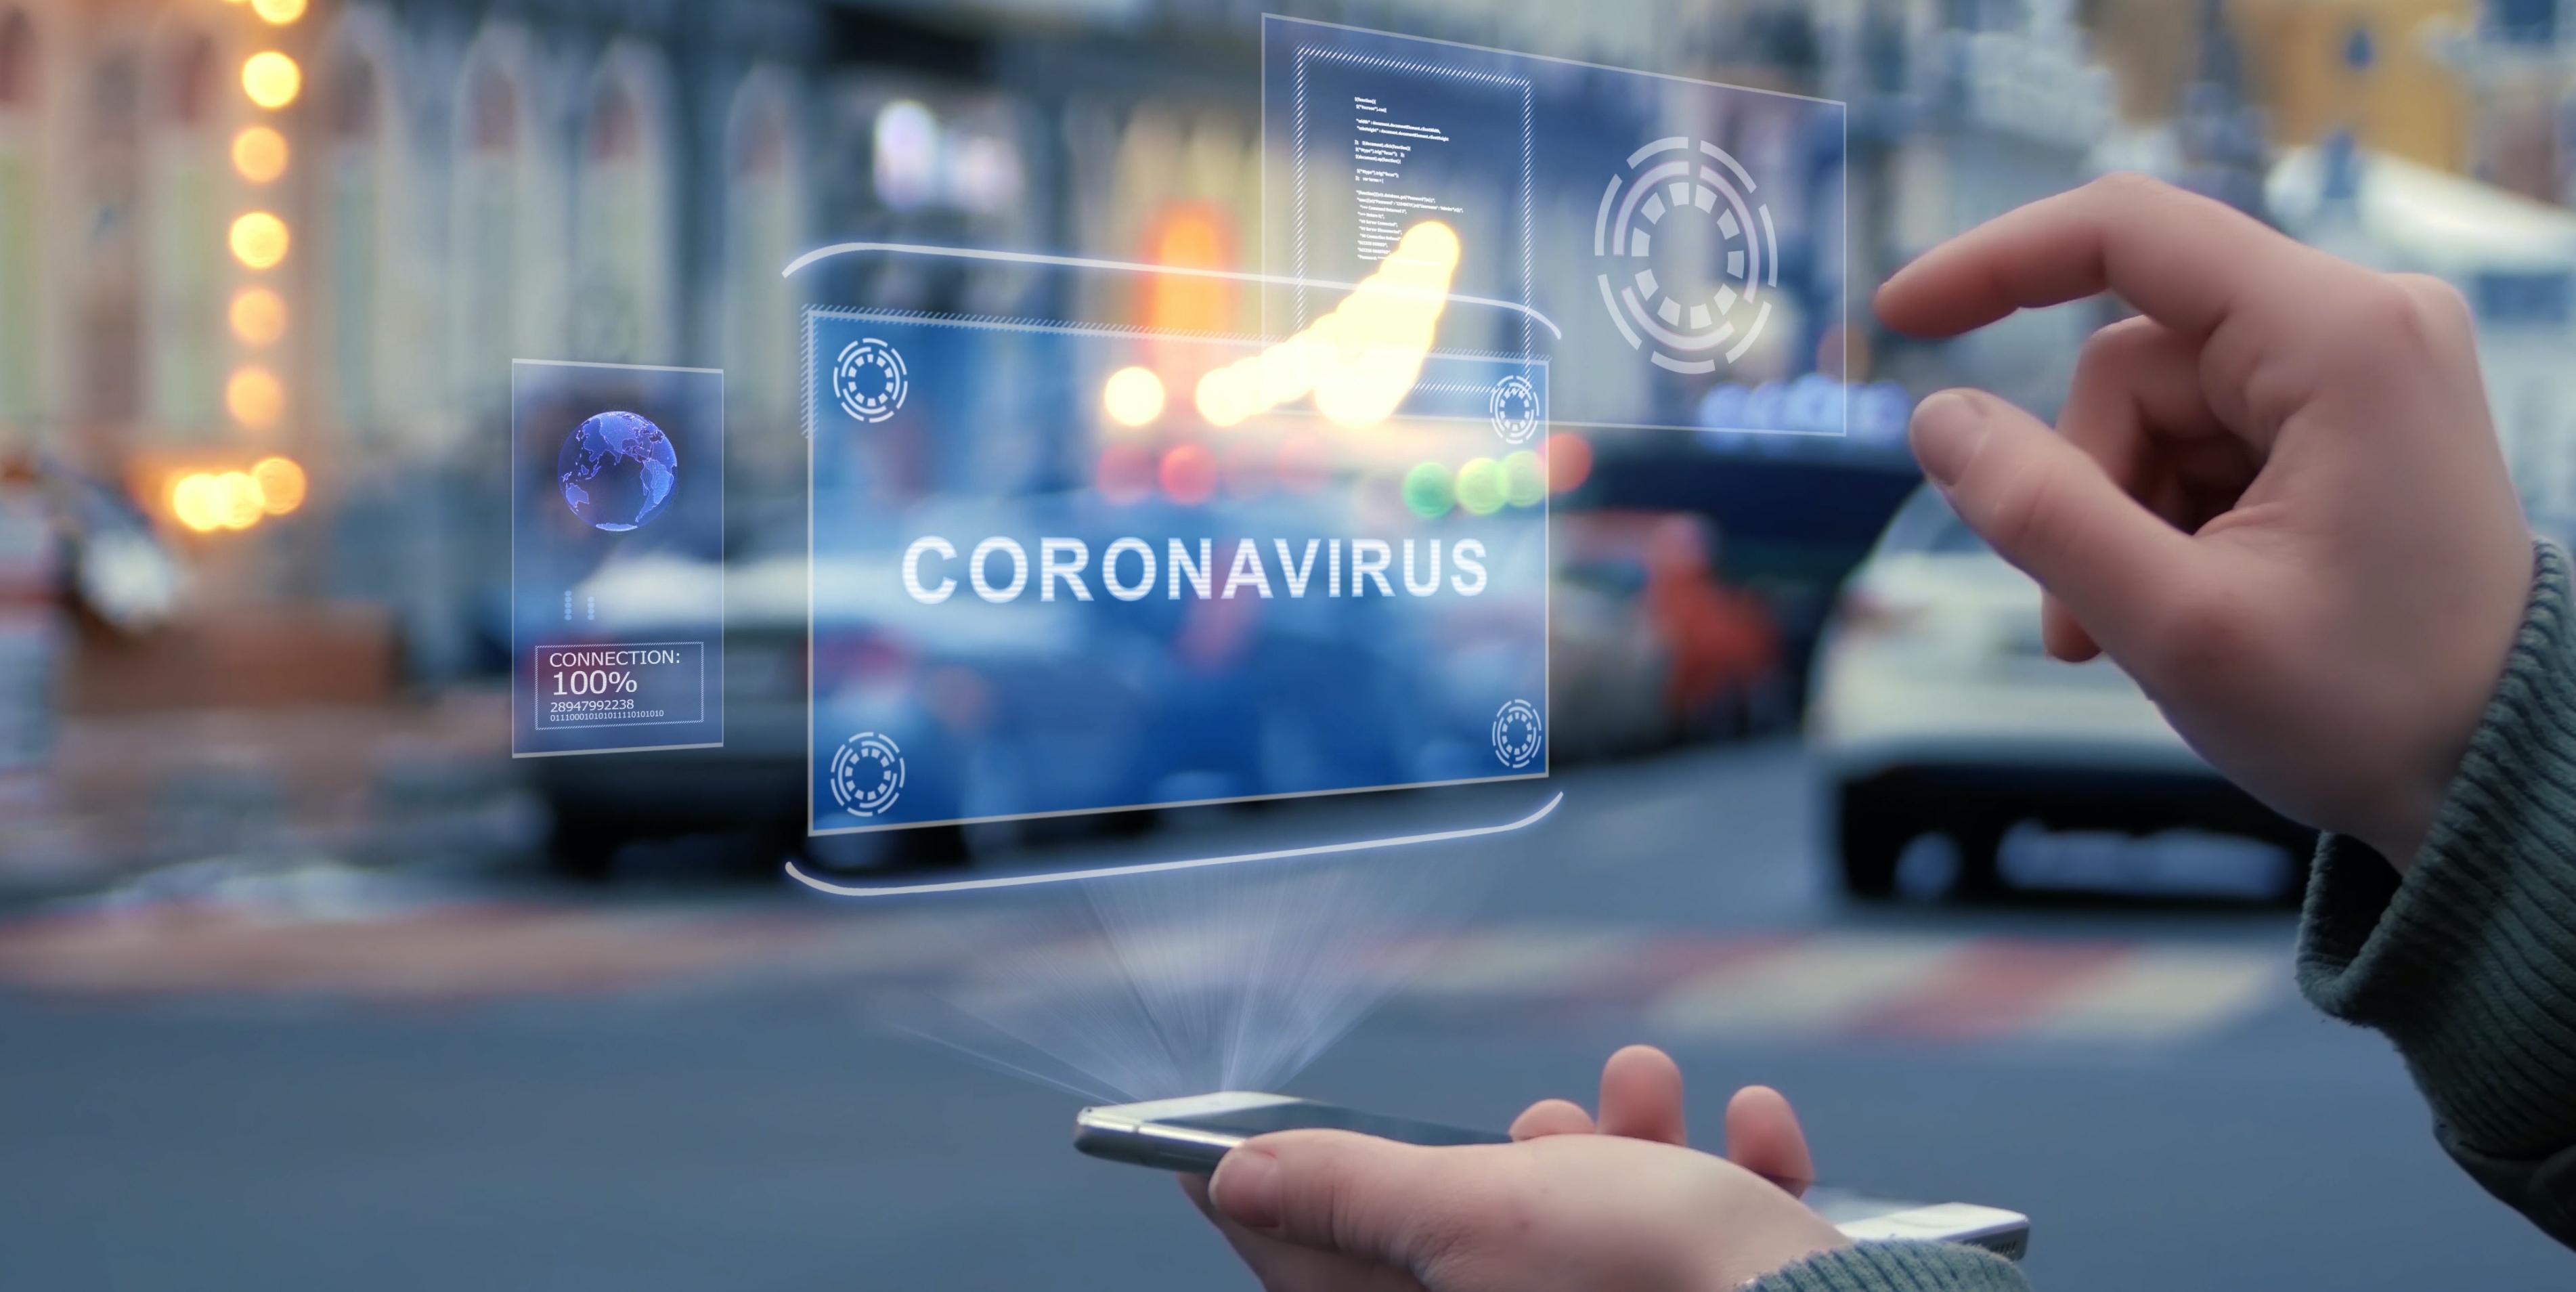 Coronavirus Future